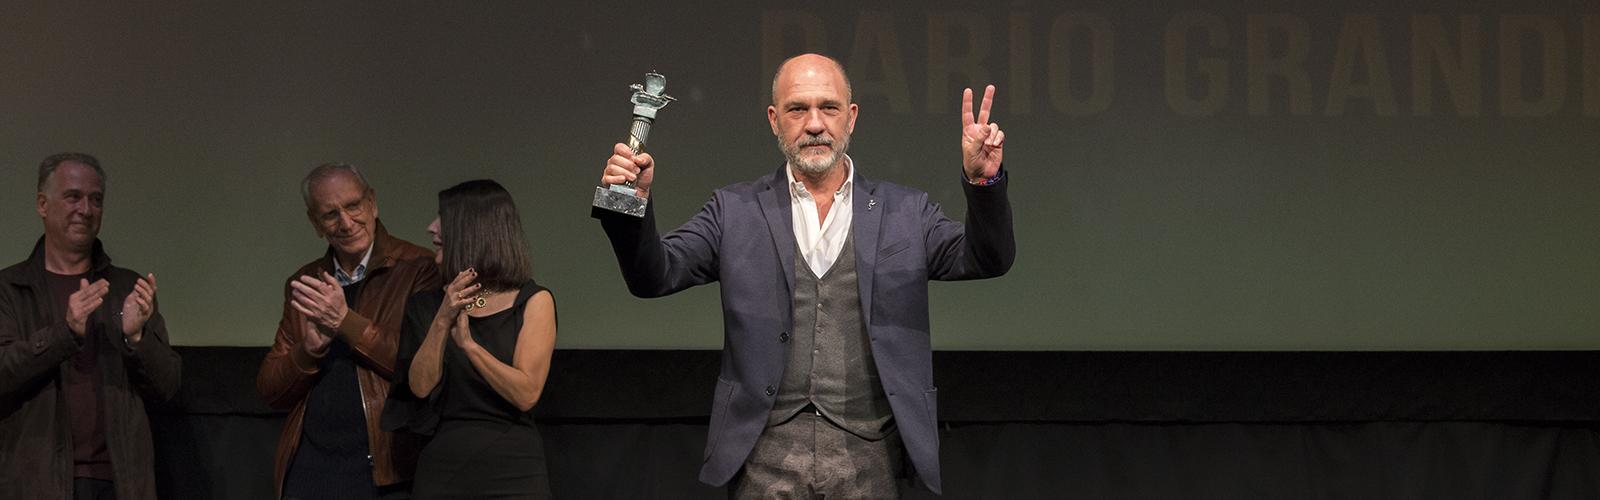 Premio Ciudad de Huelva WEB